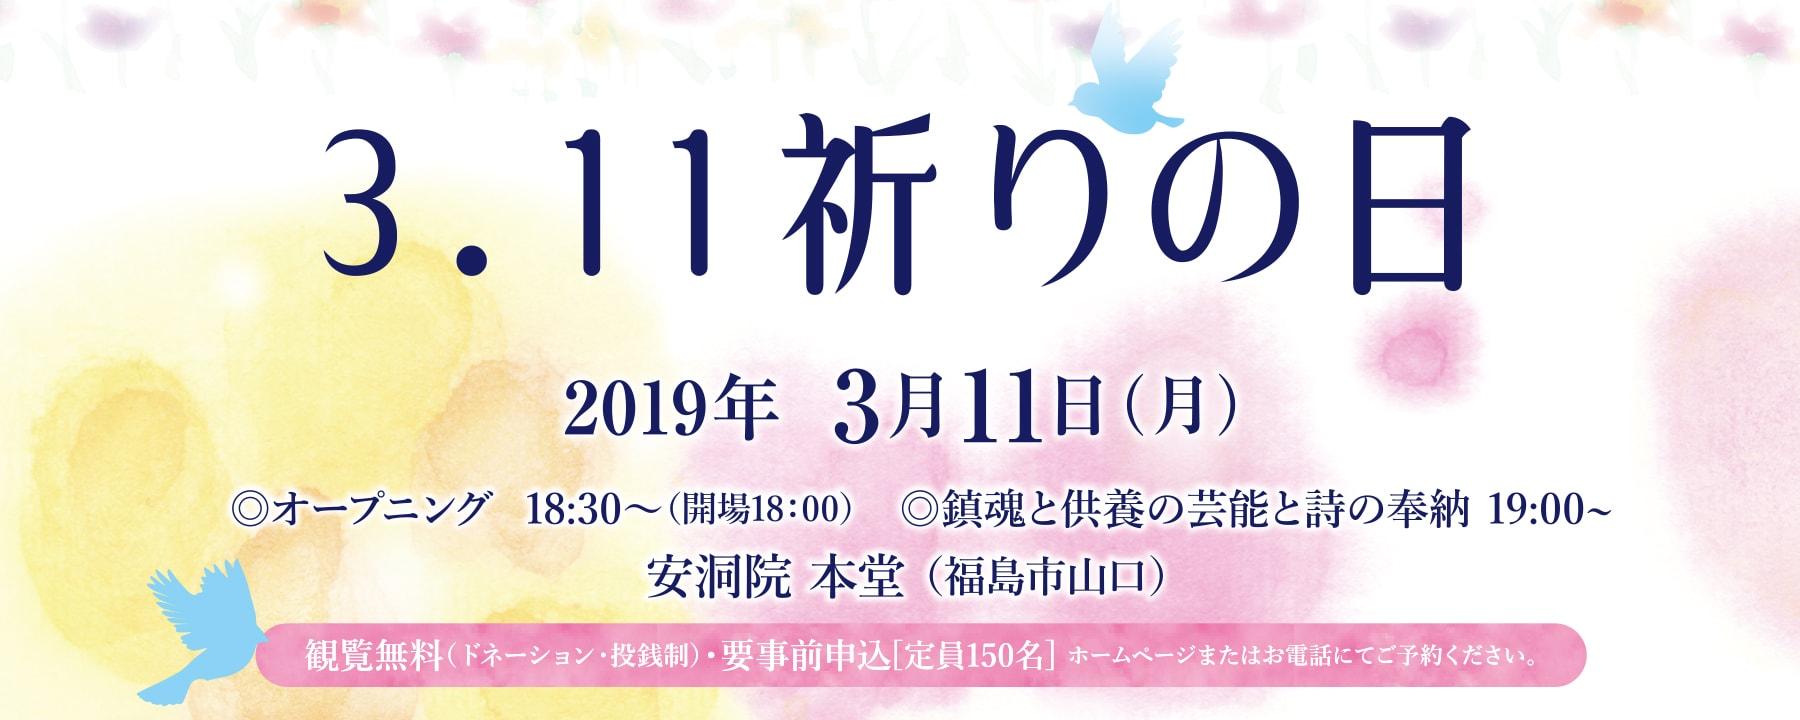 未来の祀りカフェ第5回目(通算15回目)は、2019年3月11日(月)、福島市山口にある安洞院にて開催いたします!